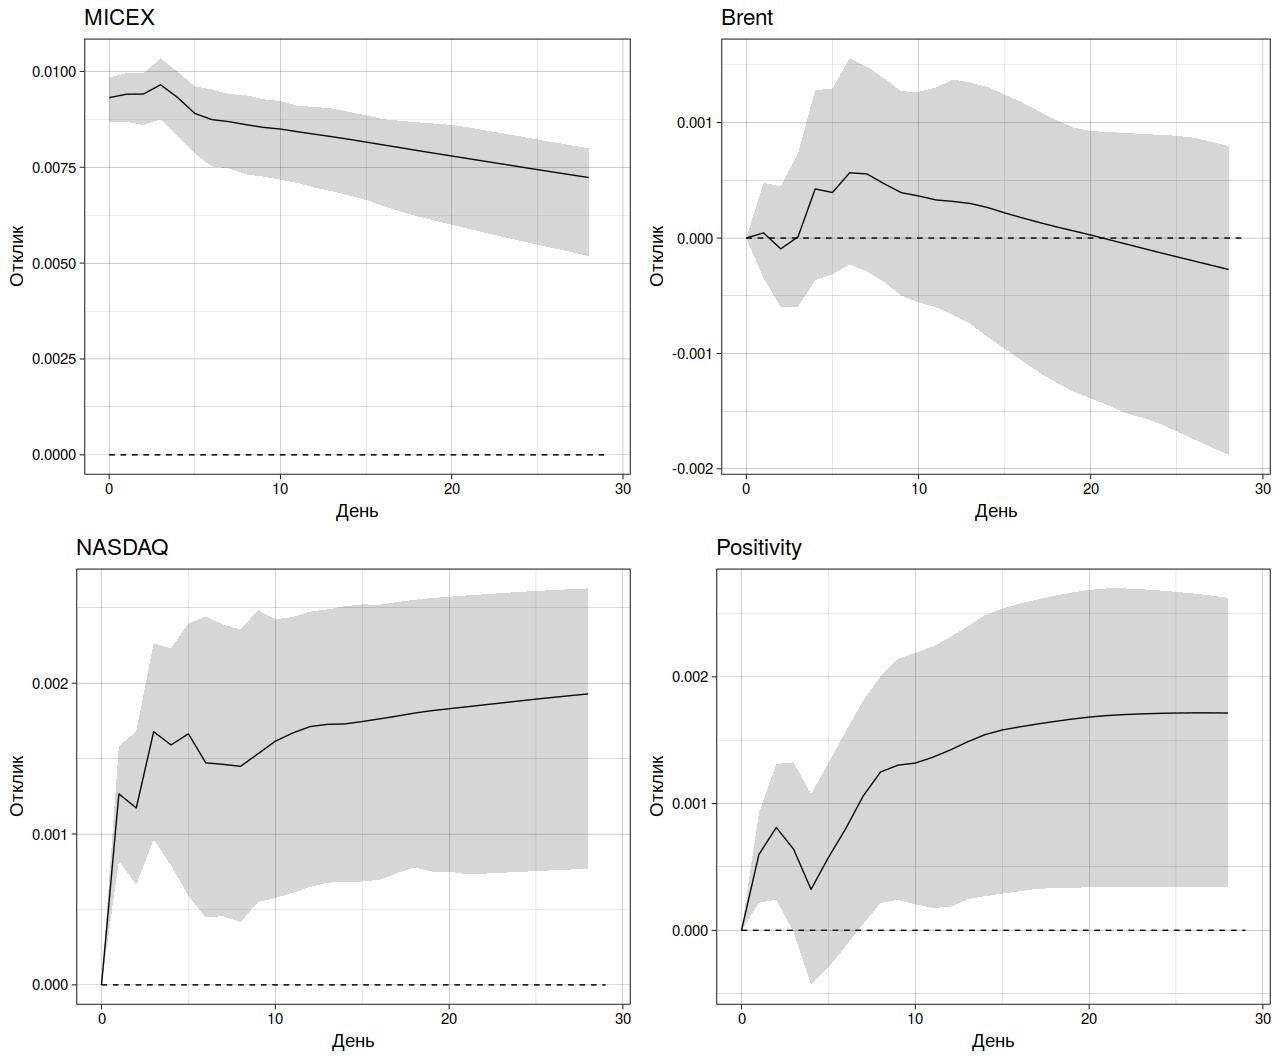 Рис. 2. Функции импульсного отклика фондового индекса Мосбиржи (MICEX) для VAR-модели, включающей сентименты из словаря AFINN (затемненная область — 95%-ный доверительный интервал)